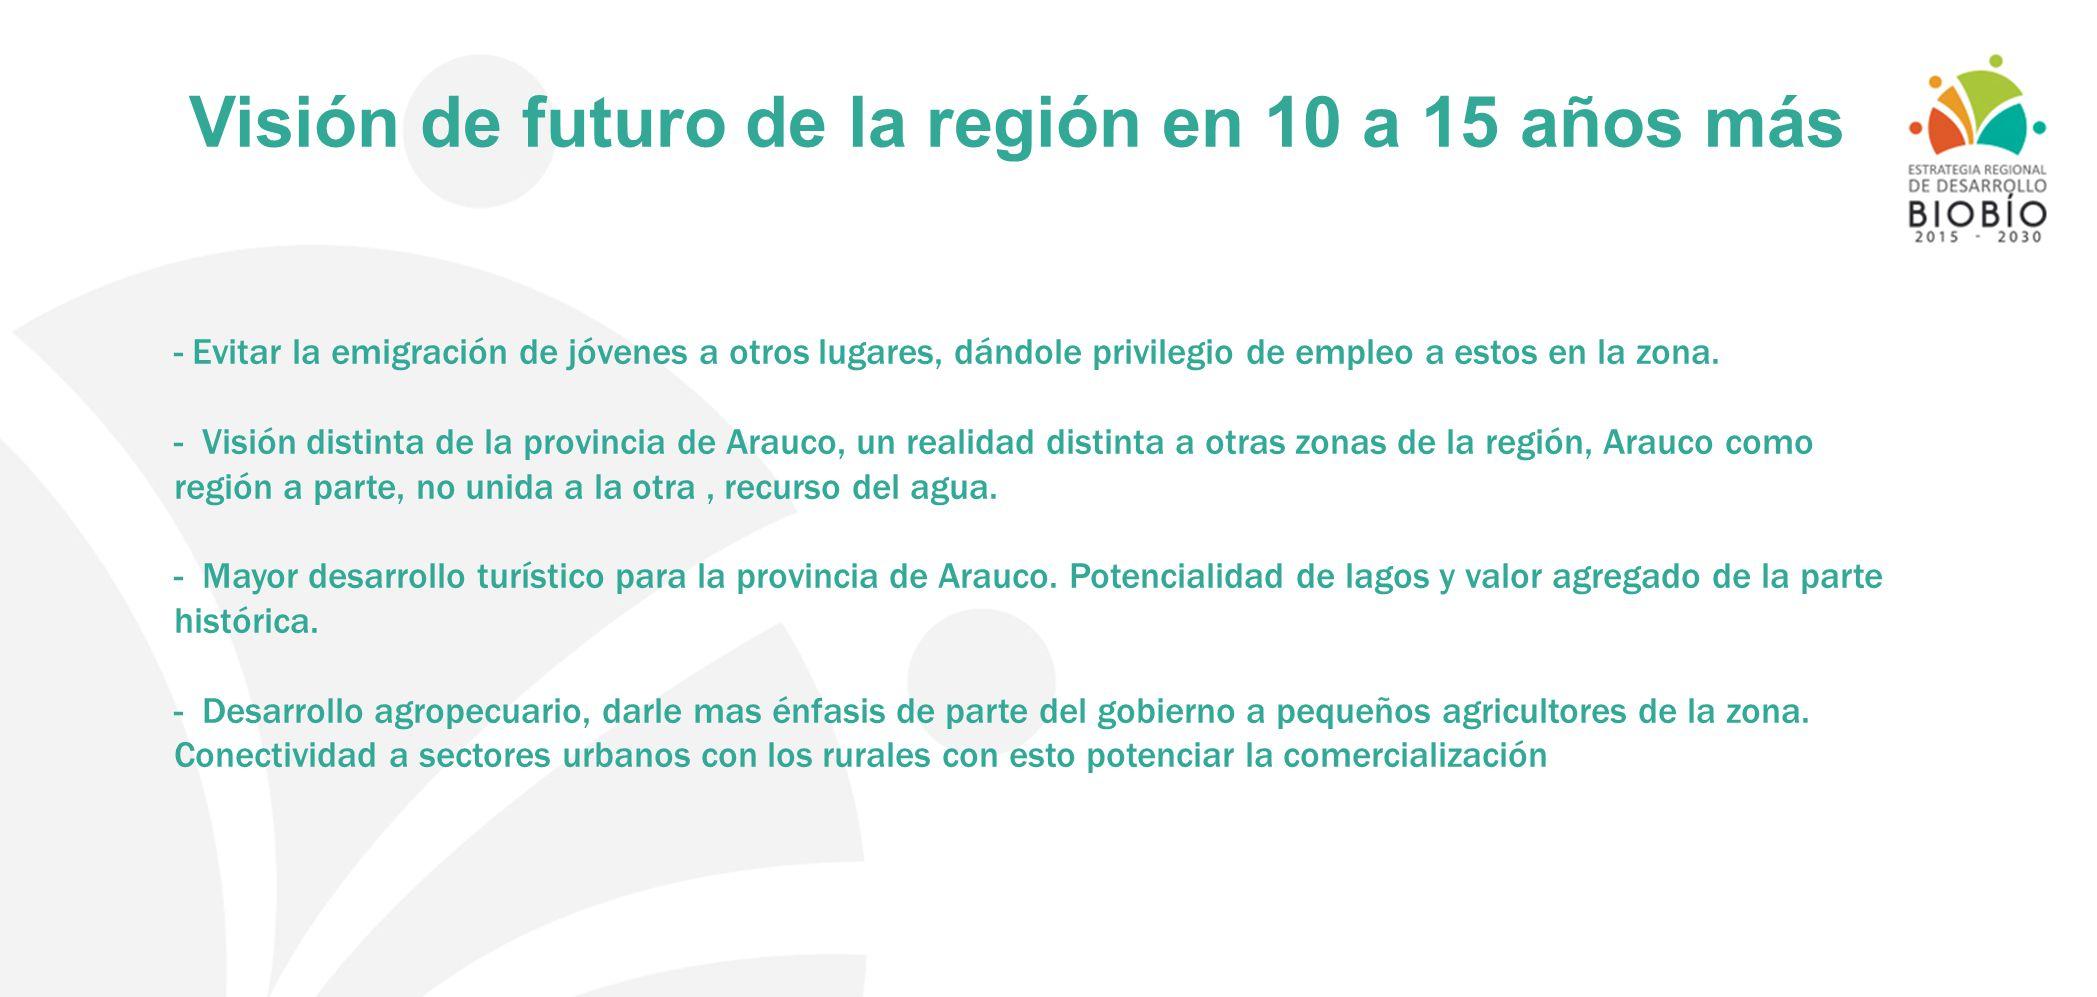 Visión de futuro de la región en 10 a 15 años más - Evitar la emigración de jóvenes a otros lugares, dándole privilegio de empleo a estos en la zona.